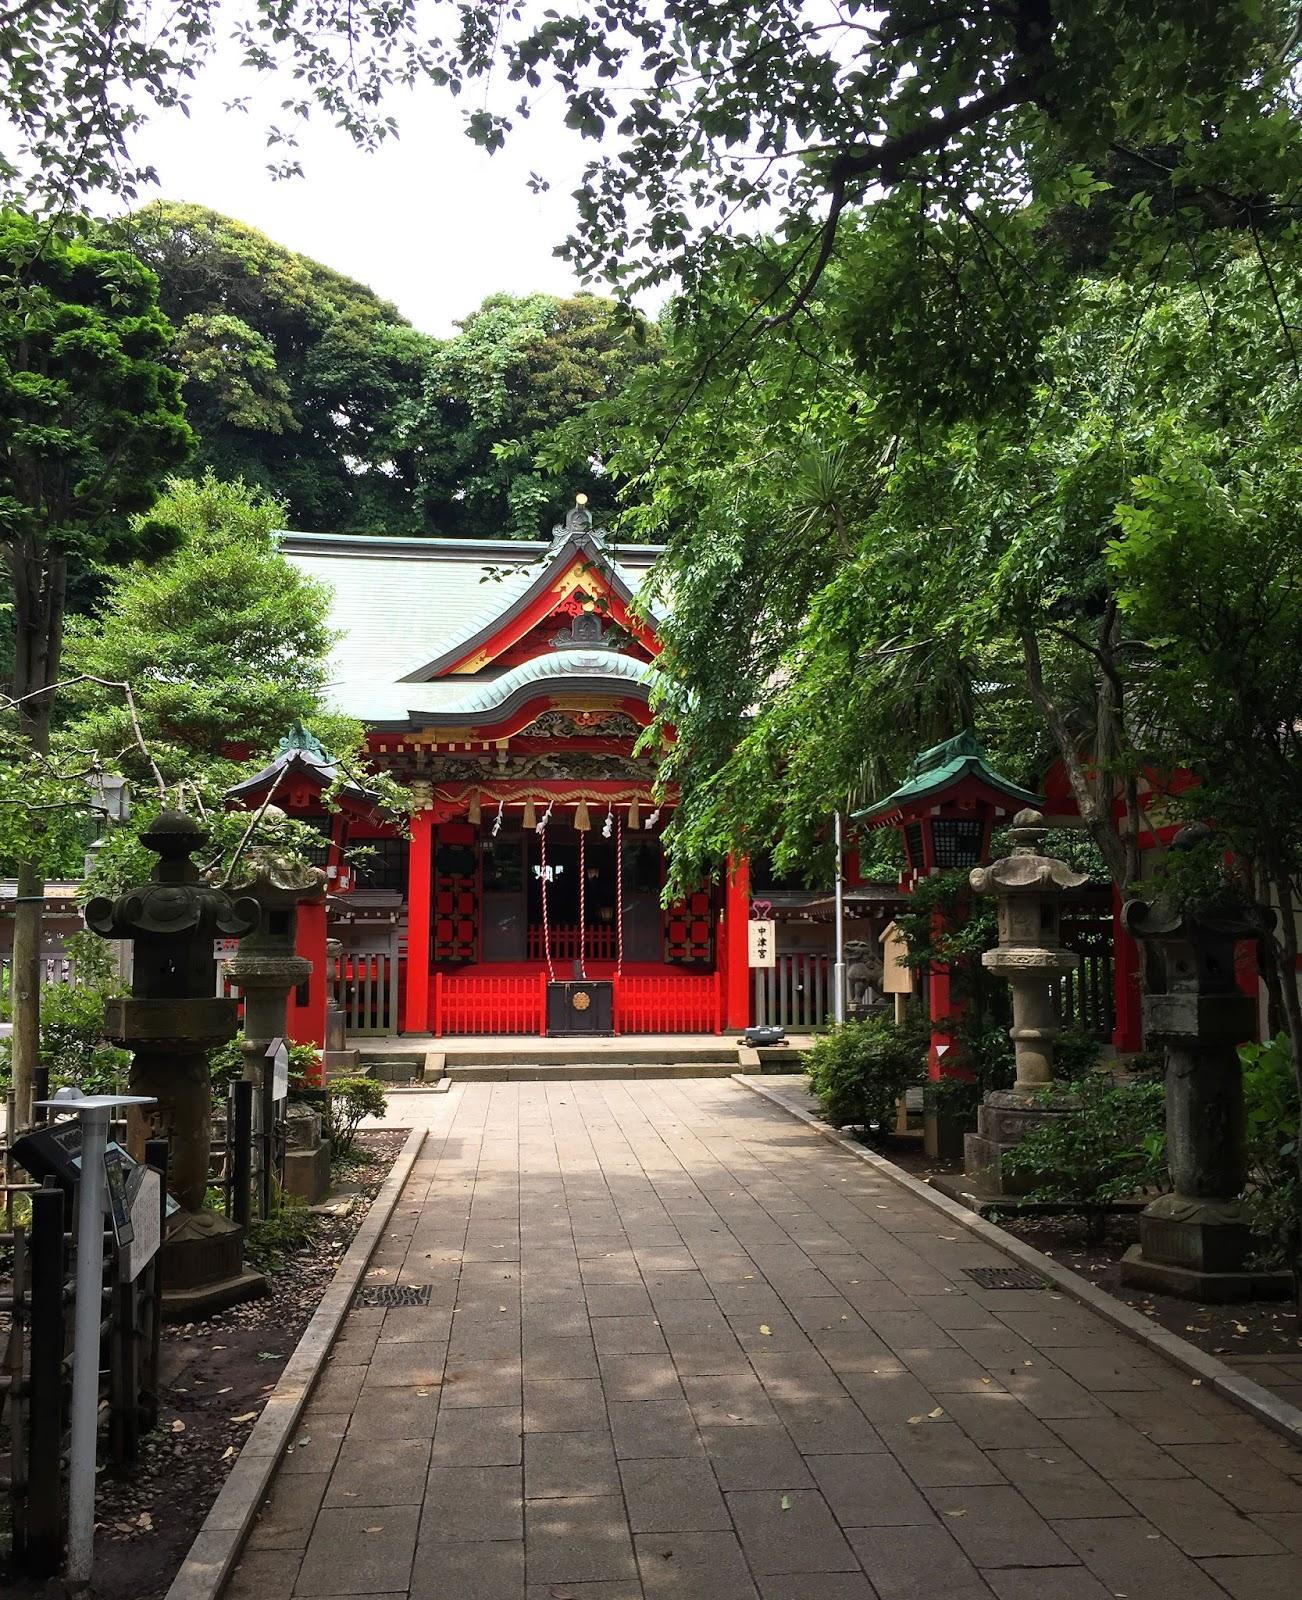 voyage travel au blog japon à Tokyo Enoshima pleins de belle photographies temples et sanctuaires